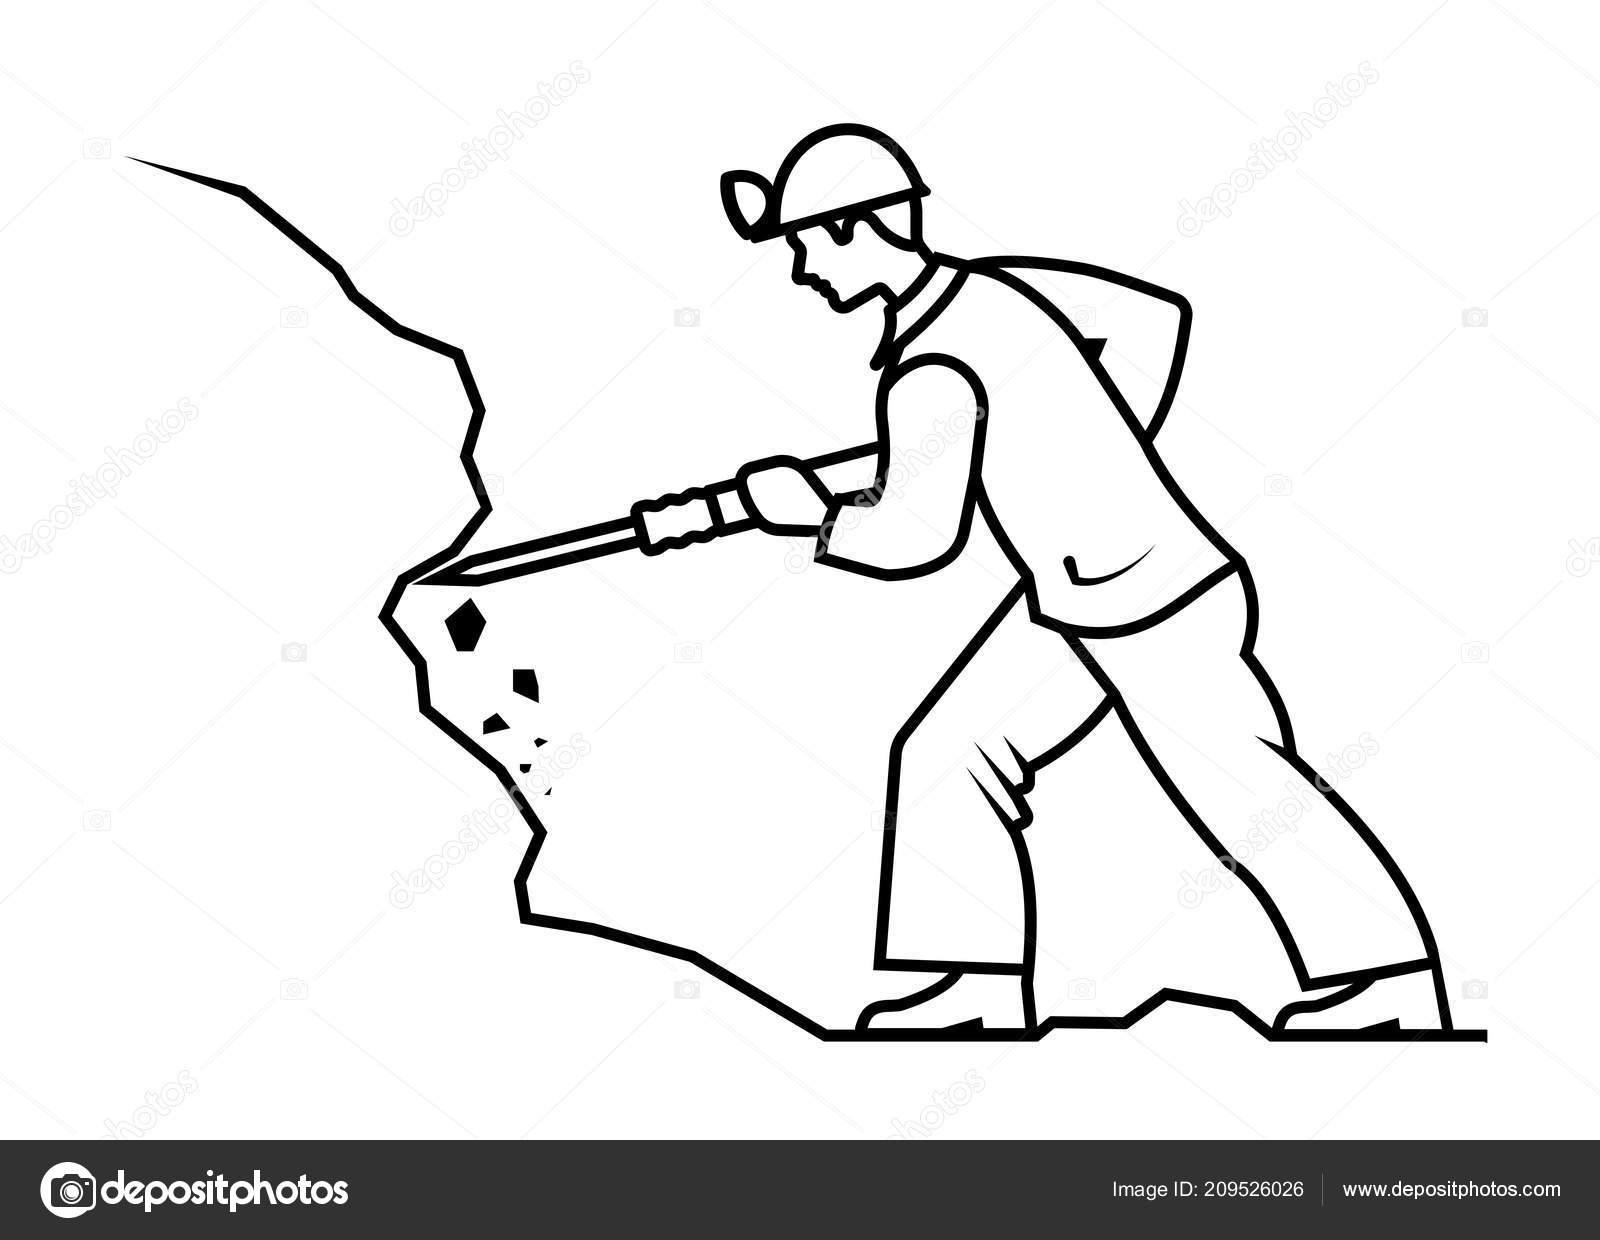 Imagen Presentada Minero Minería Mineral Vector Ilustración